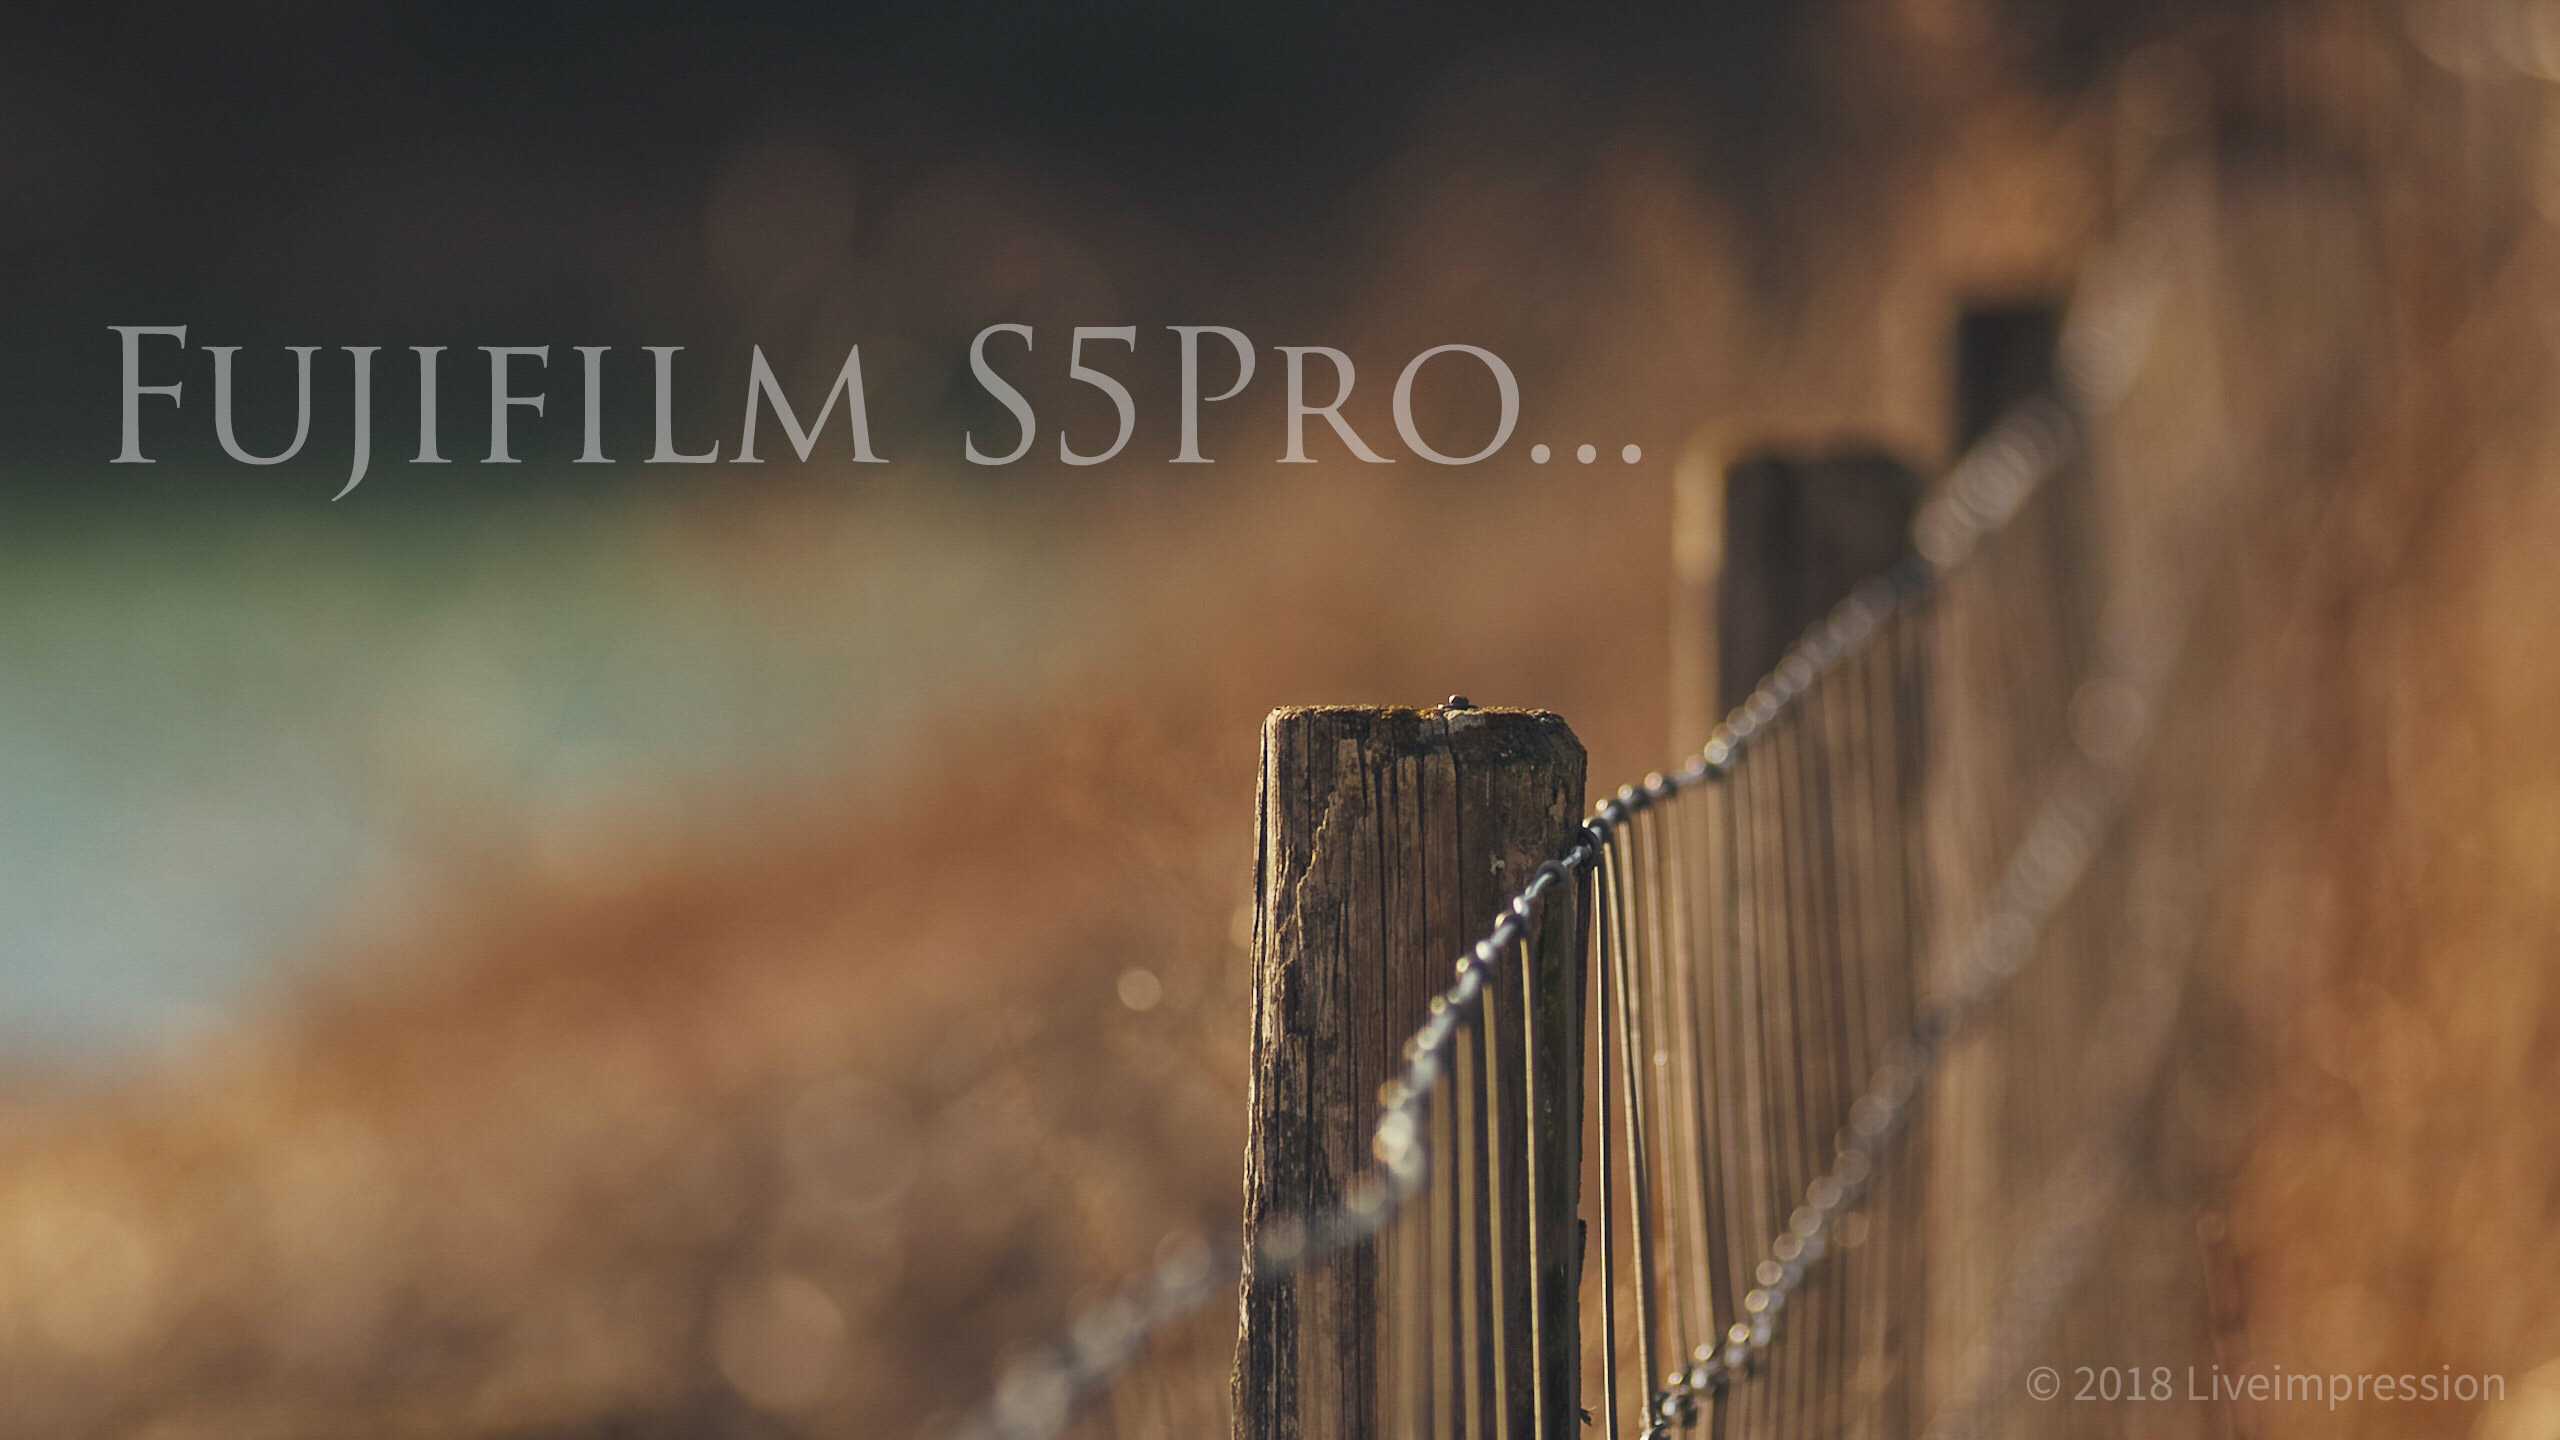 Fujifilm Finepix S2Pro - cover